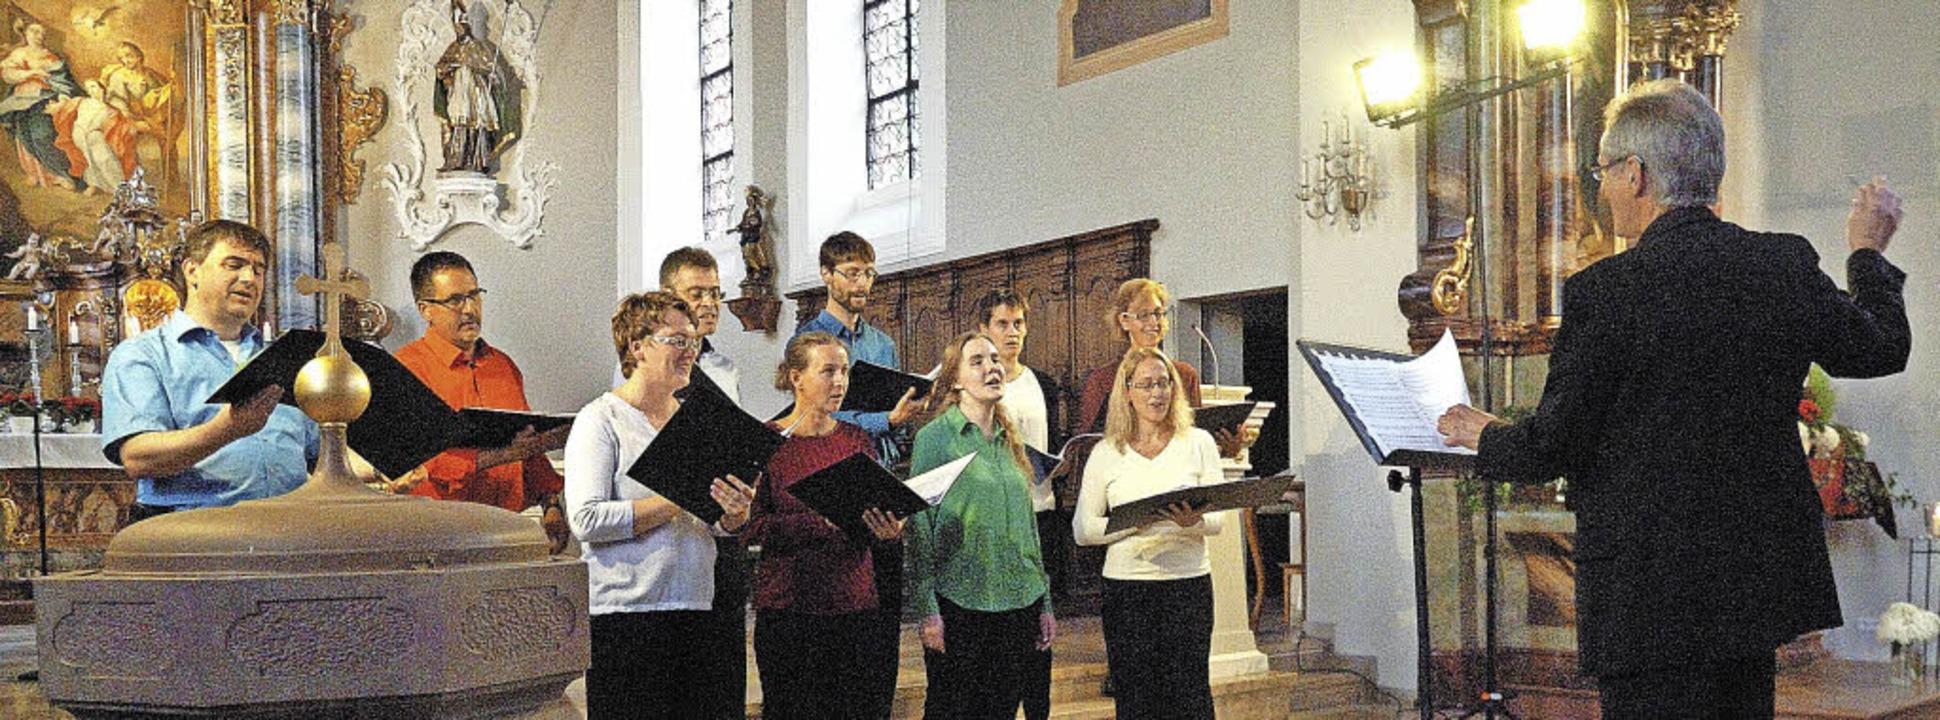 Unter der musikalischen Leitung von Ek...zingen mit seinem Gesang die Besucher.  | Foto: Schweizer